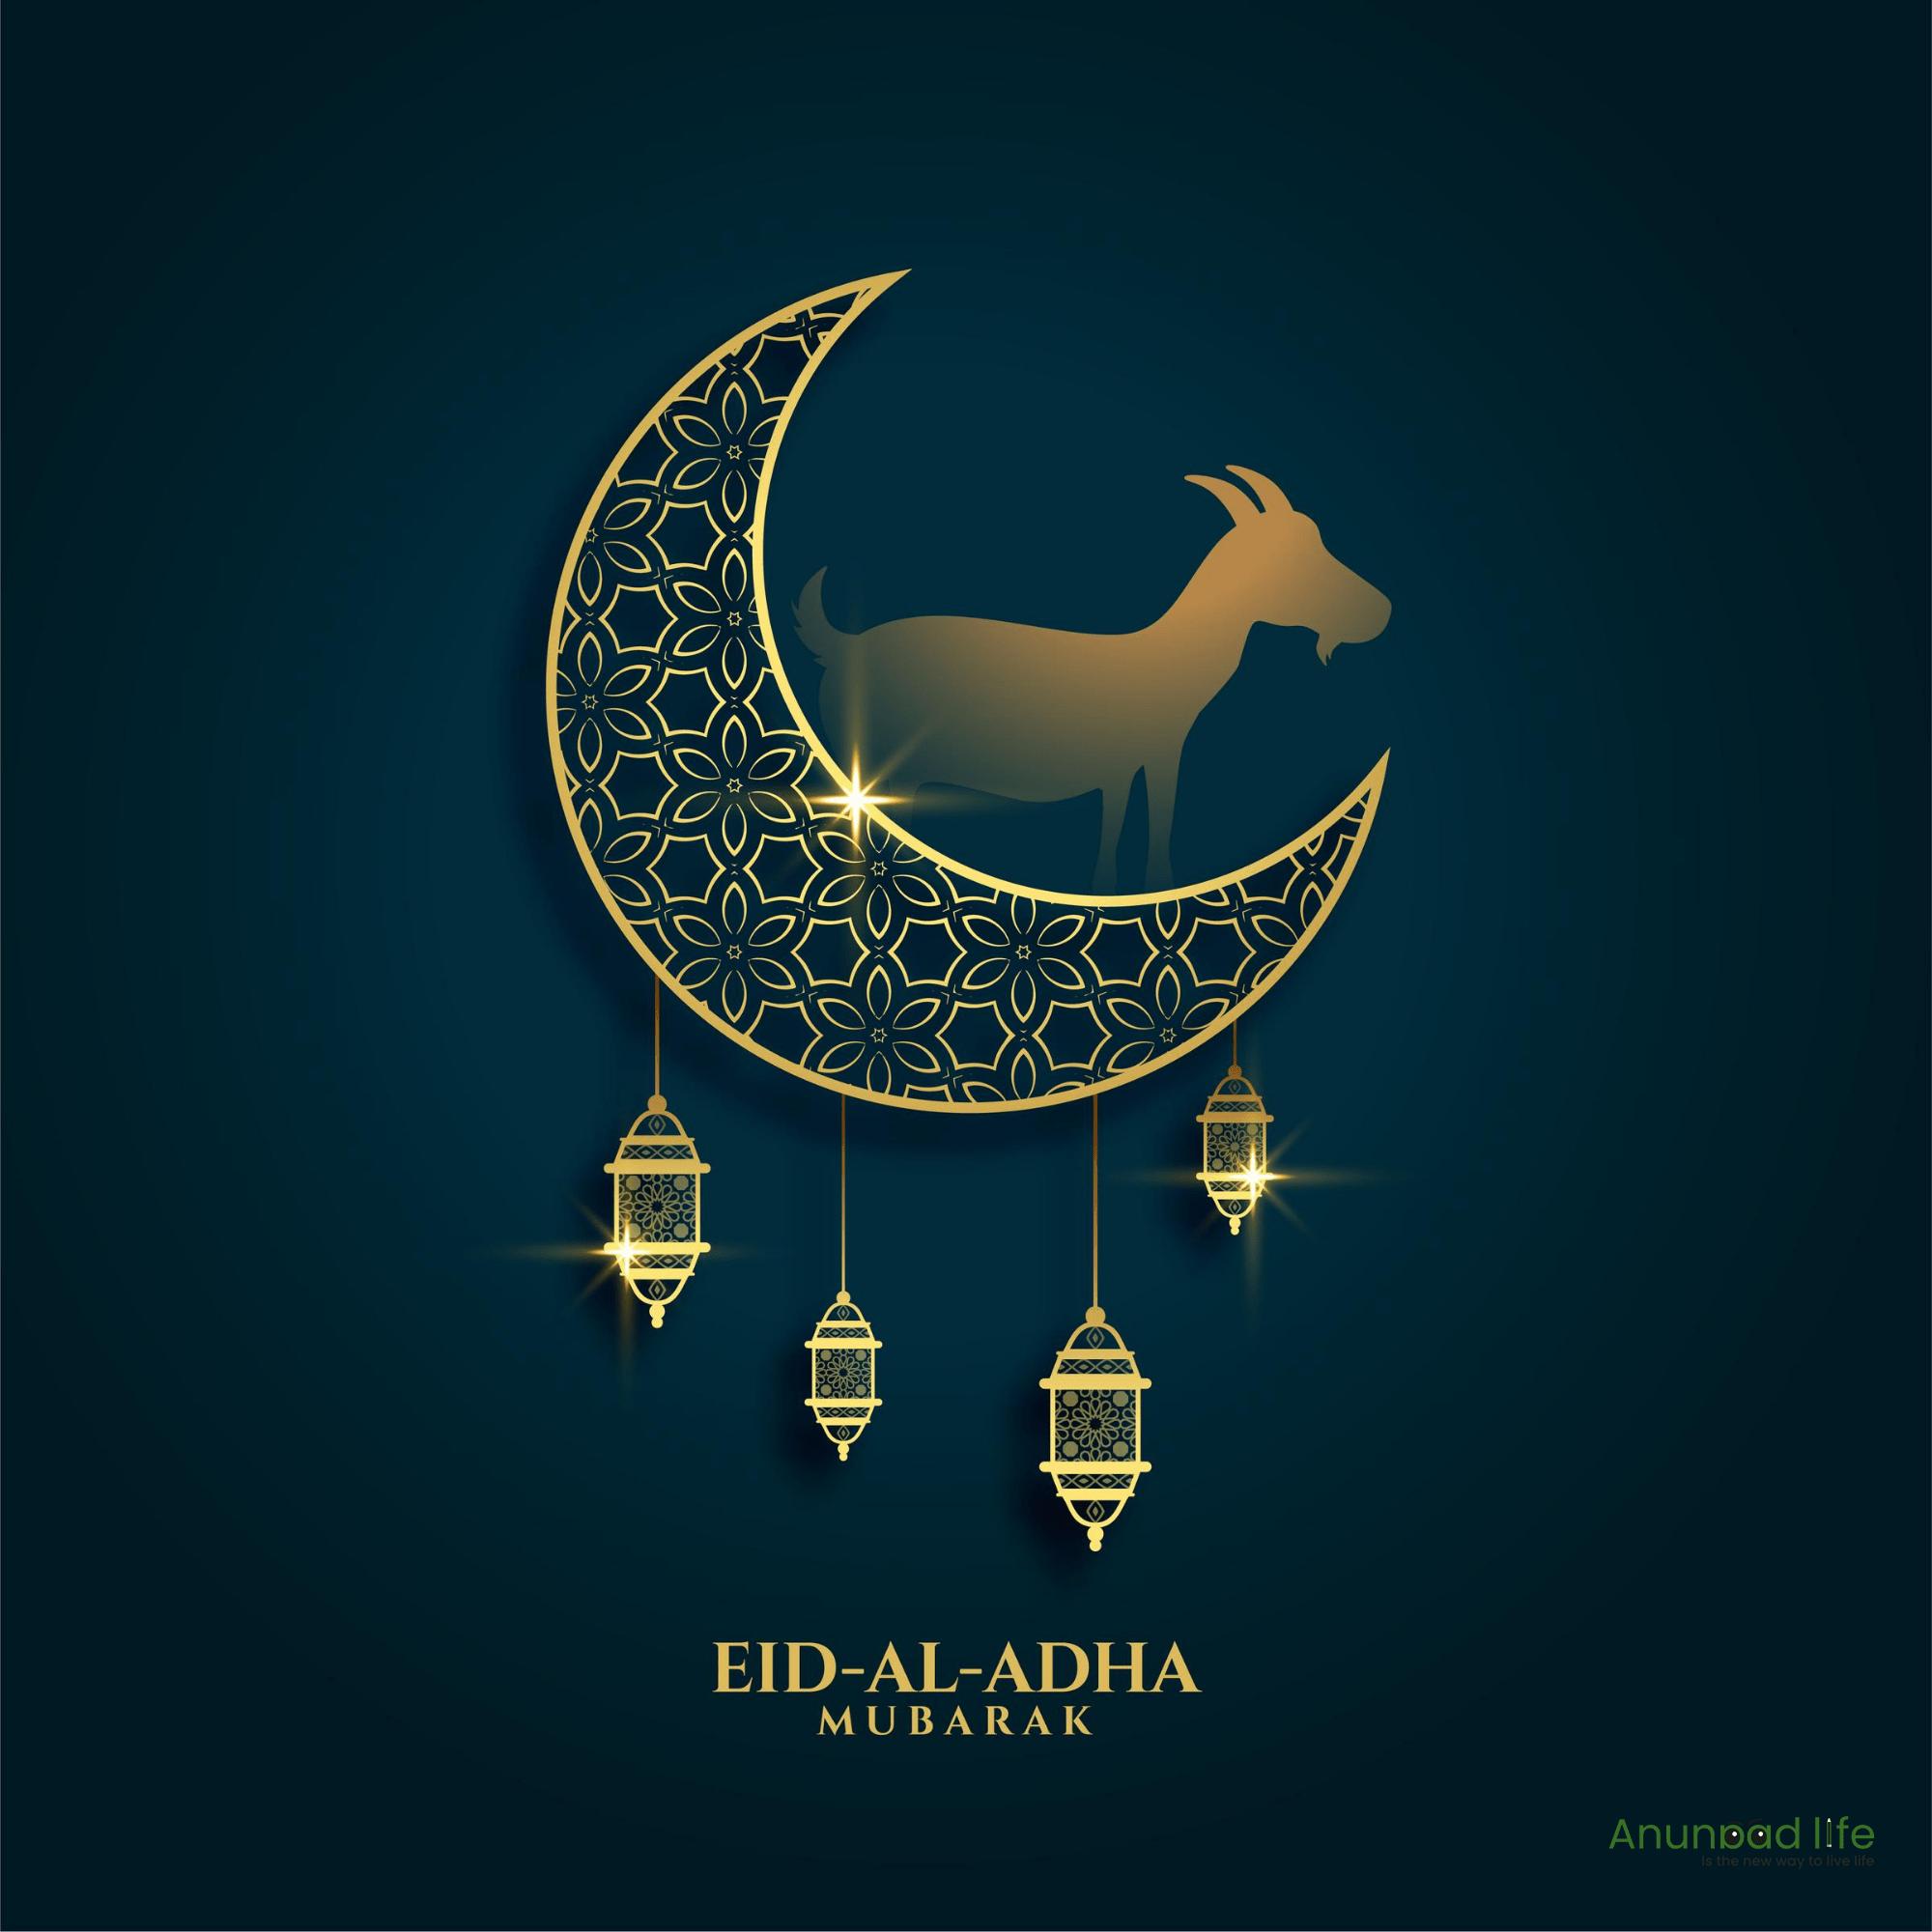 eid al adha hd image 2020